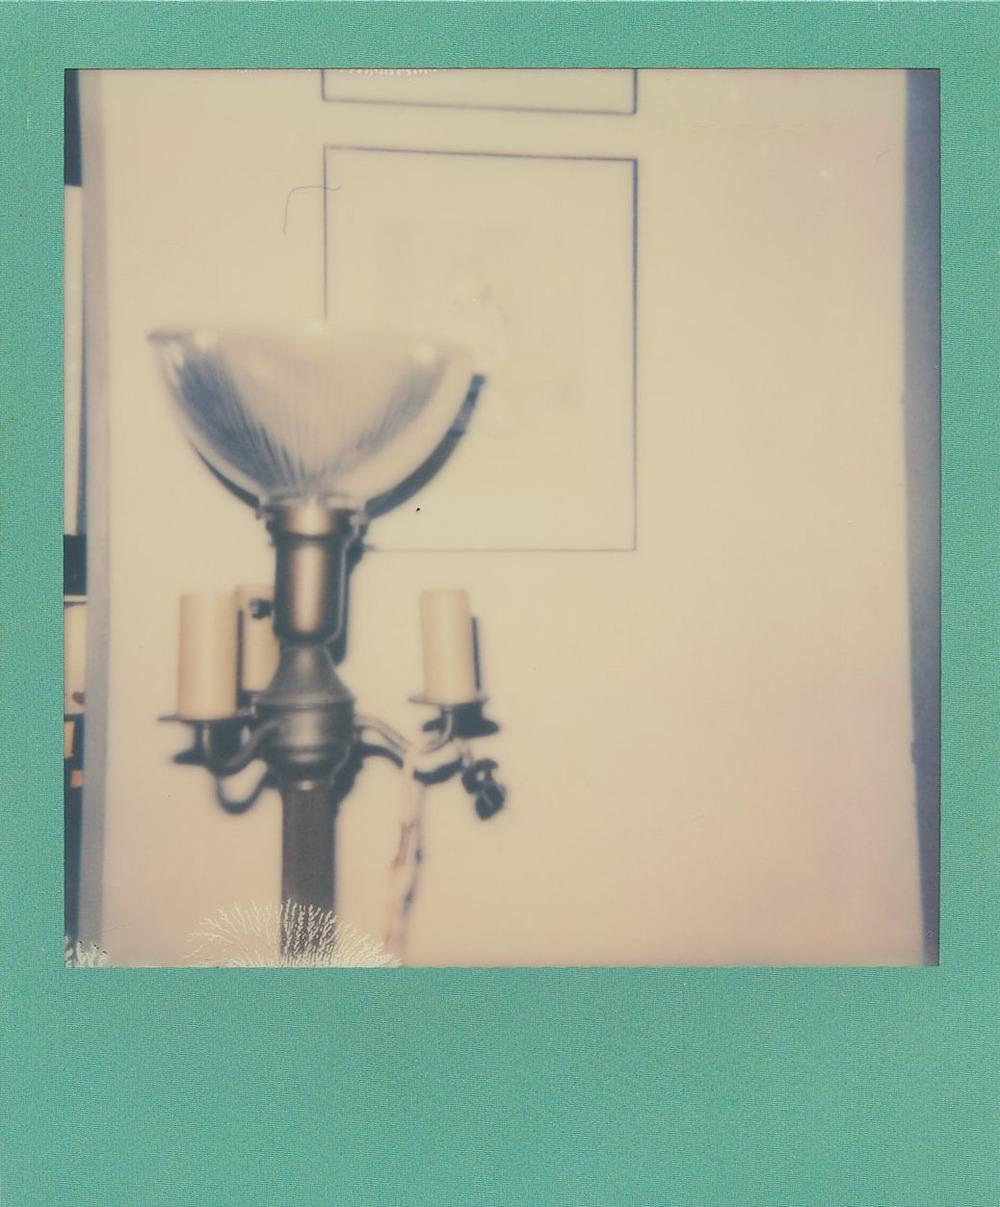 antique_lamp.jpg